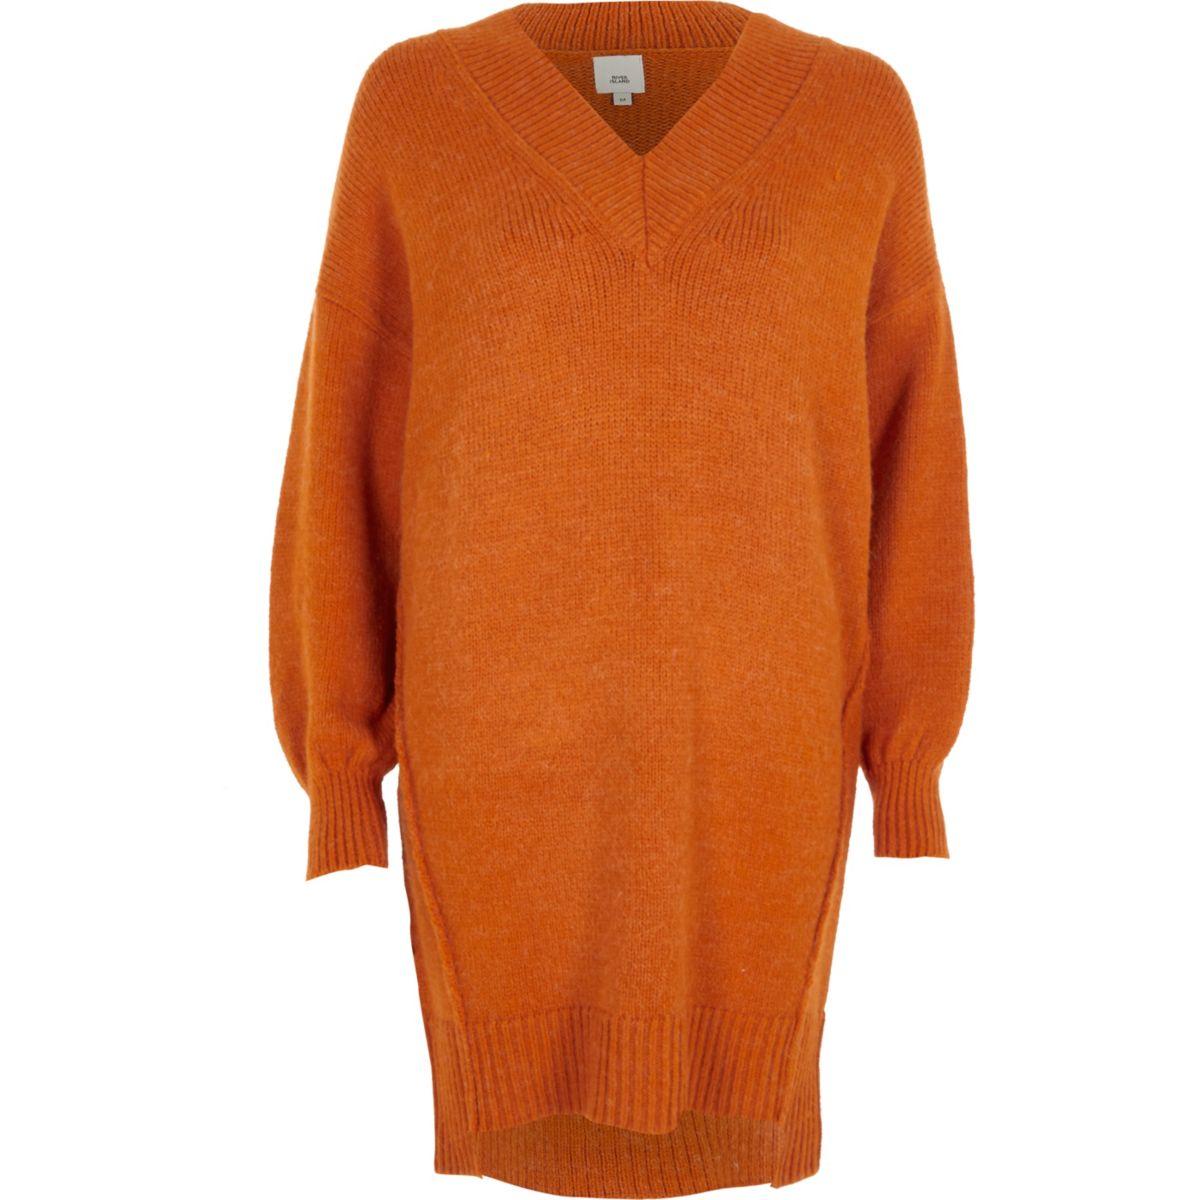 Orange V neck jumper dress